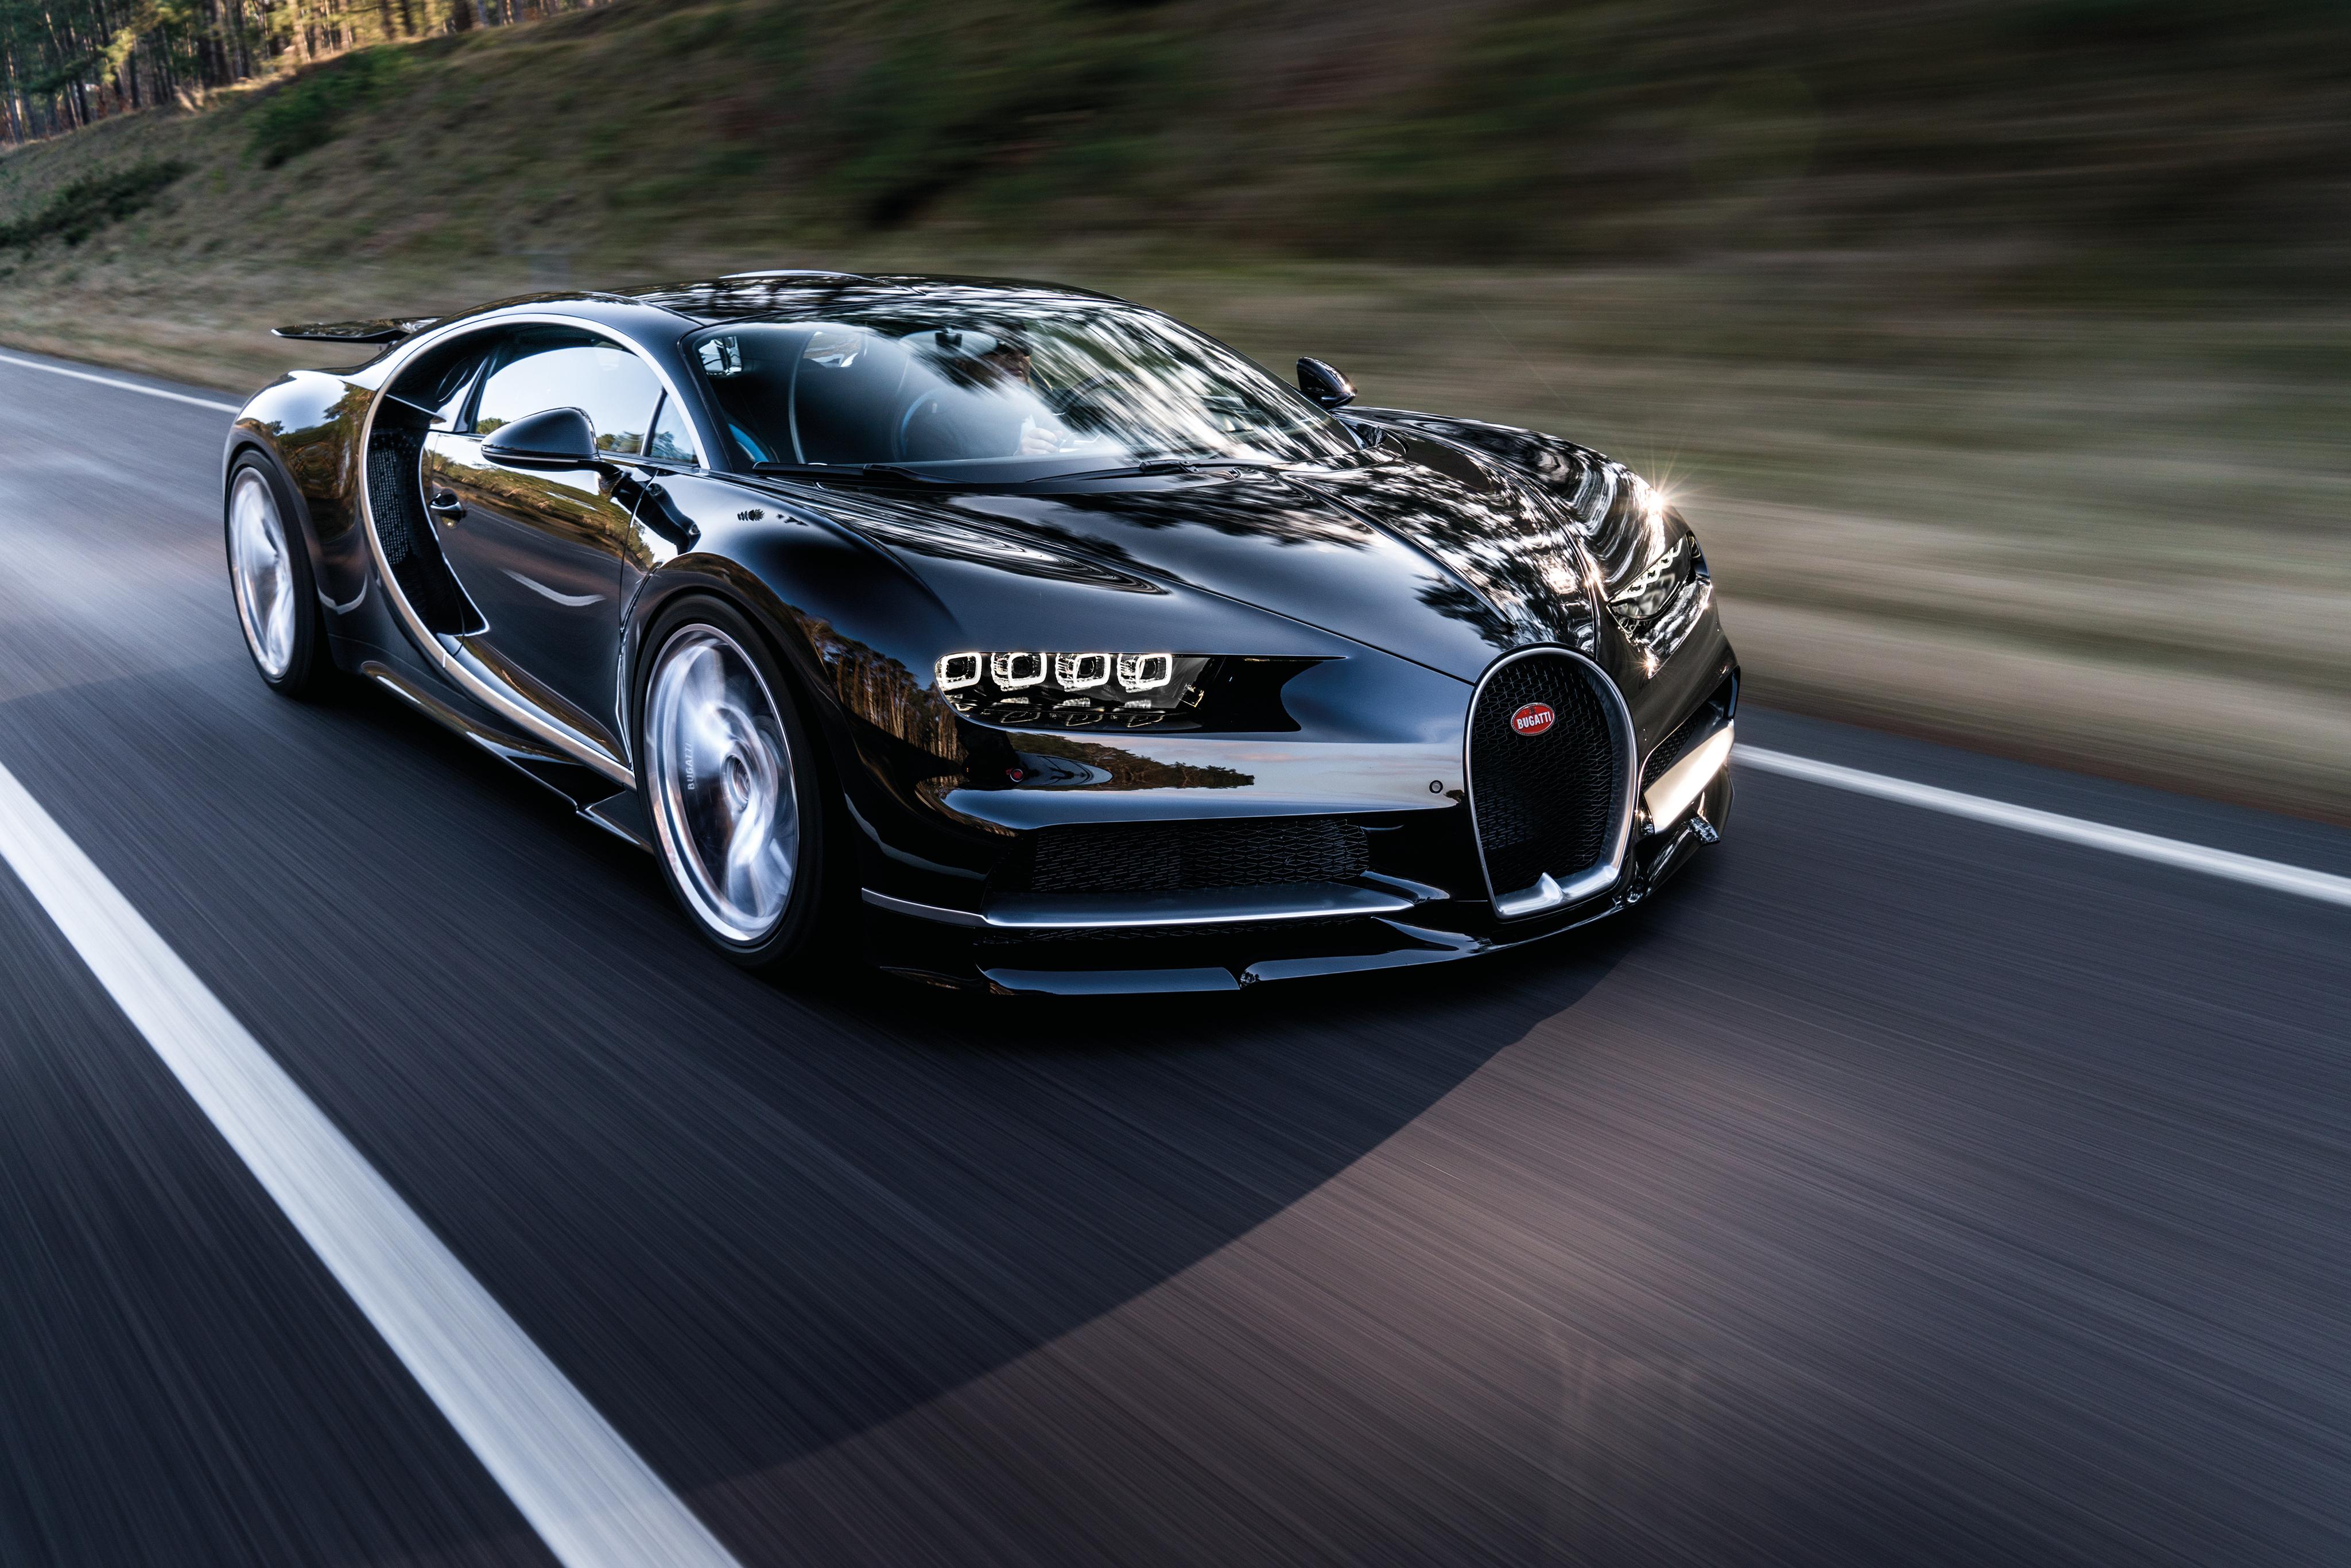 Bugatti Chiron 4k Ultra Tapeta Hd Tło 4096x2732 Id705509